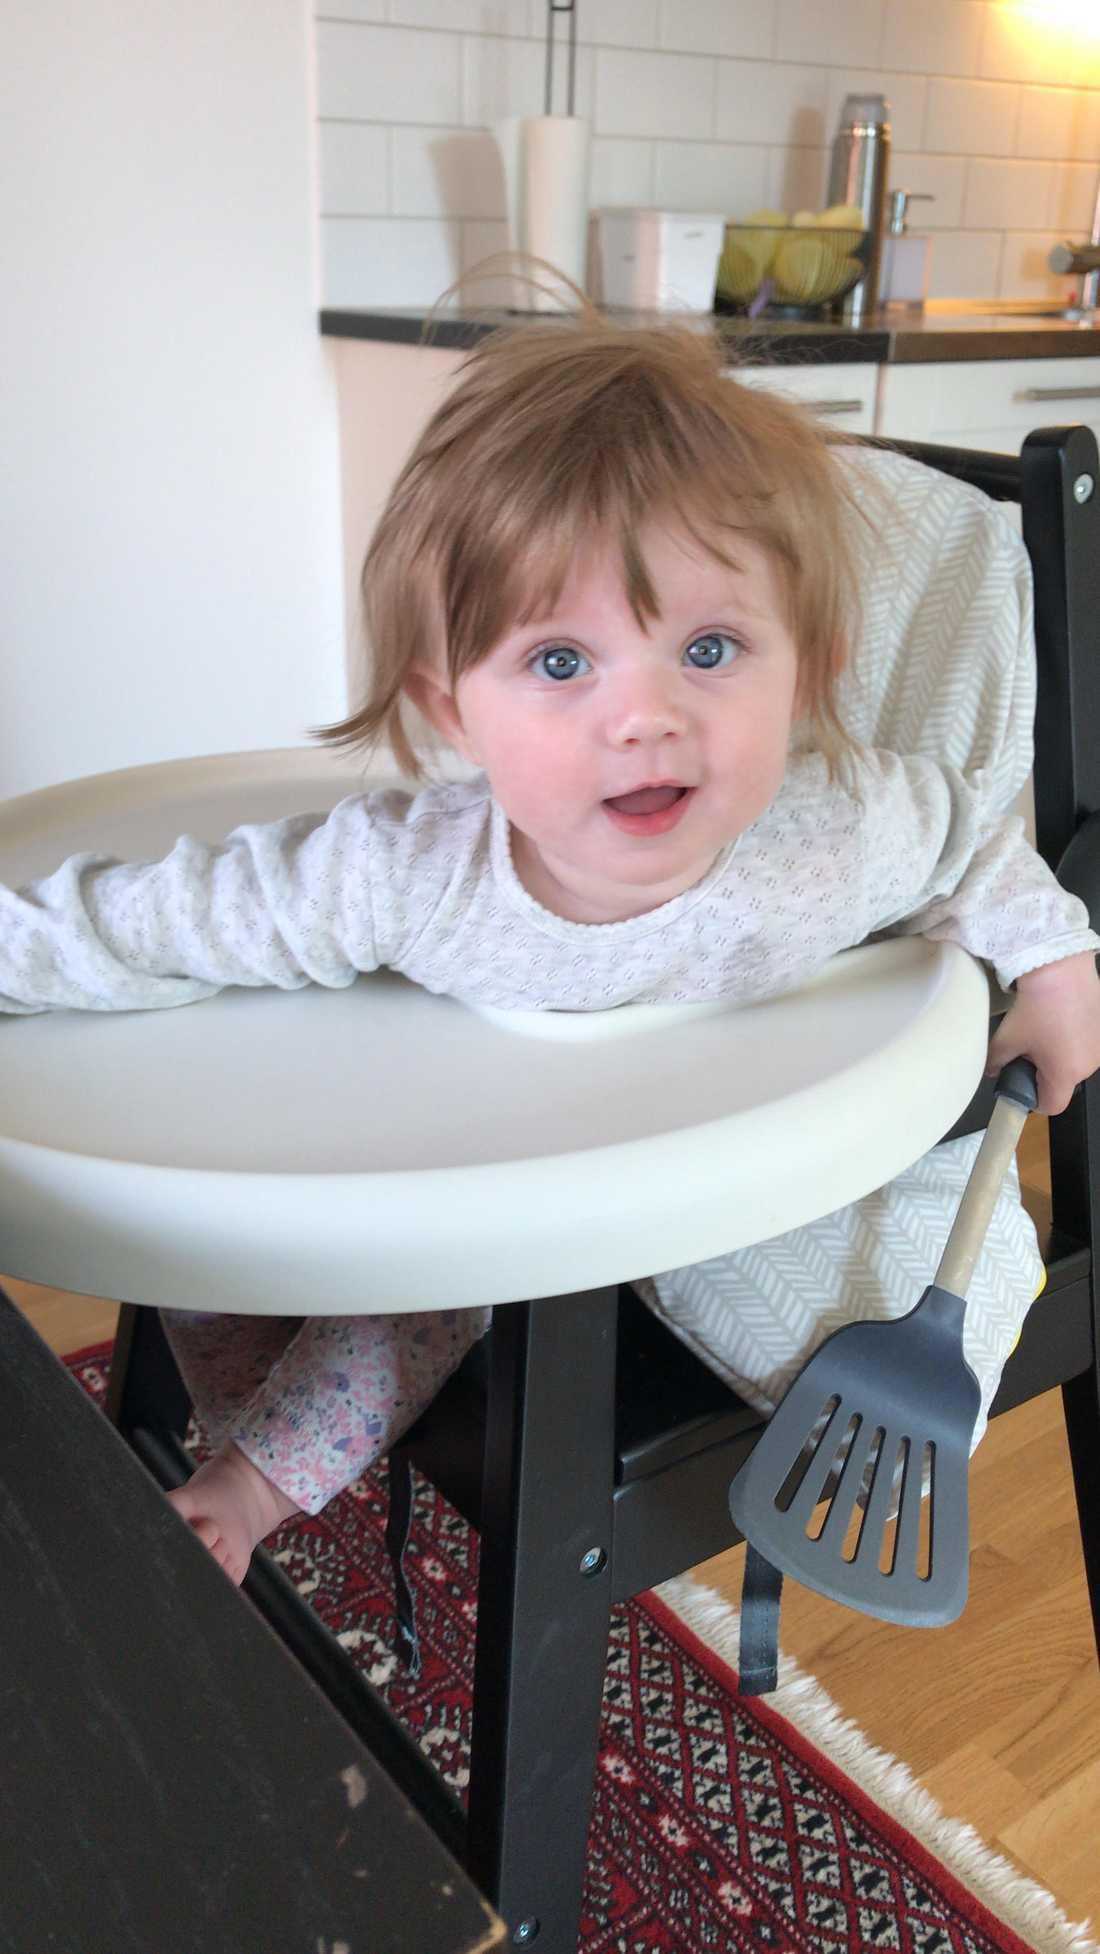 """Mamman Linda Tenerz i Västerås: """"Min dotter Hanna, sju månader, har haft så mycket hår så vi fått klippa det tre gånger redan. Det var ganska mycket när hon föddes i november men det växer verkligen som ogräs""""."""